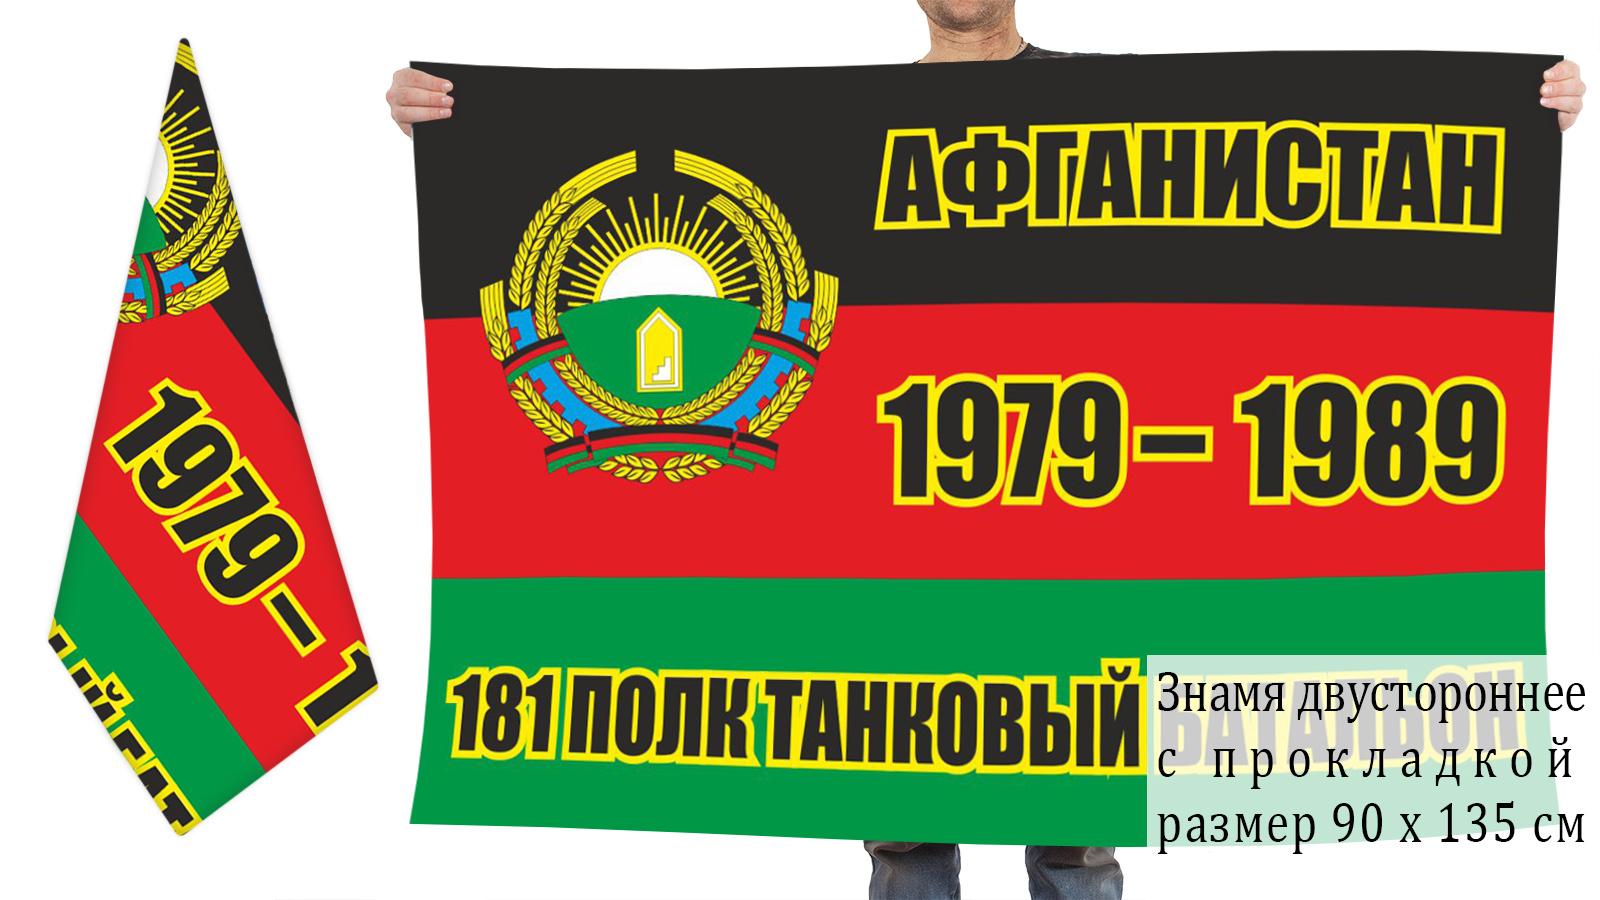 Двусторонний флаг танкового батальона 181 полка